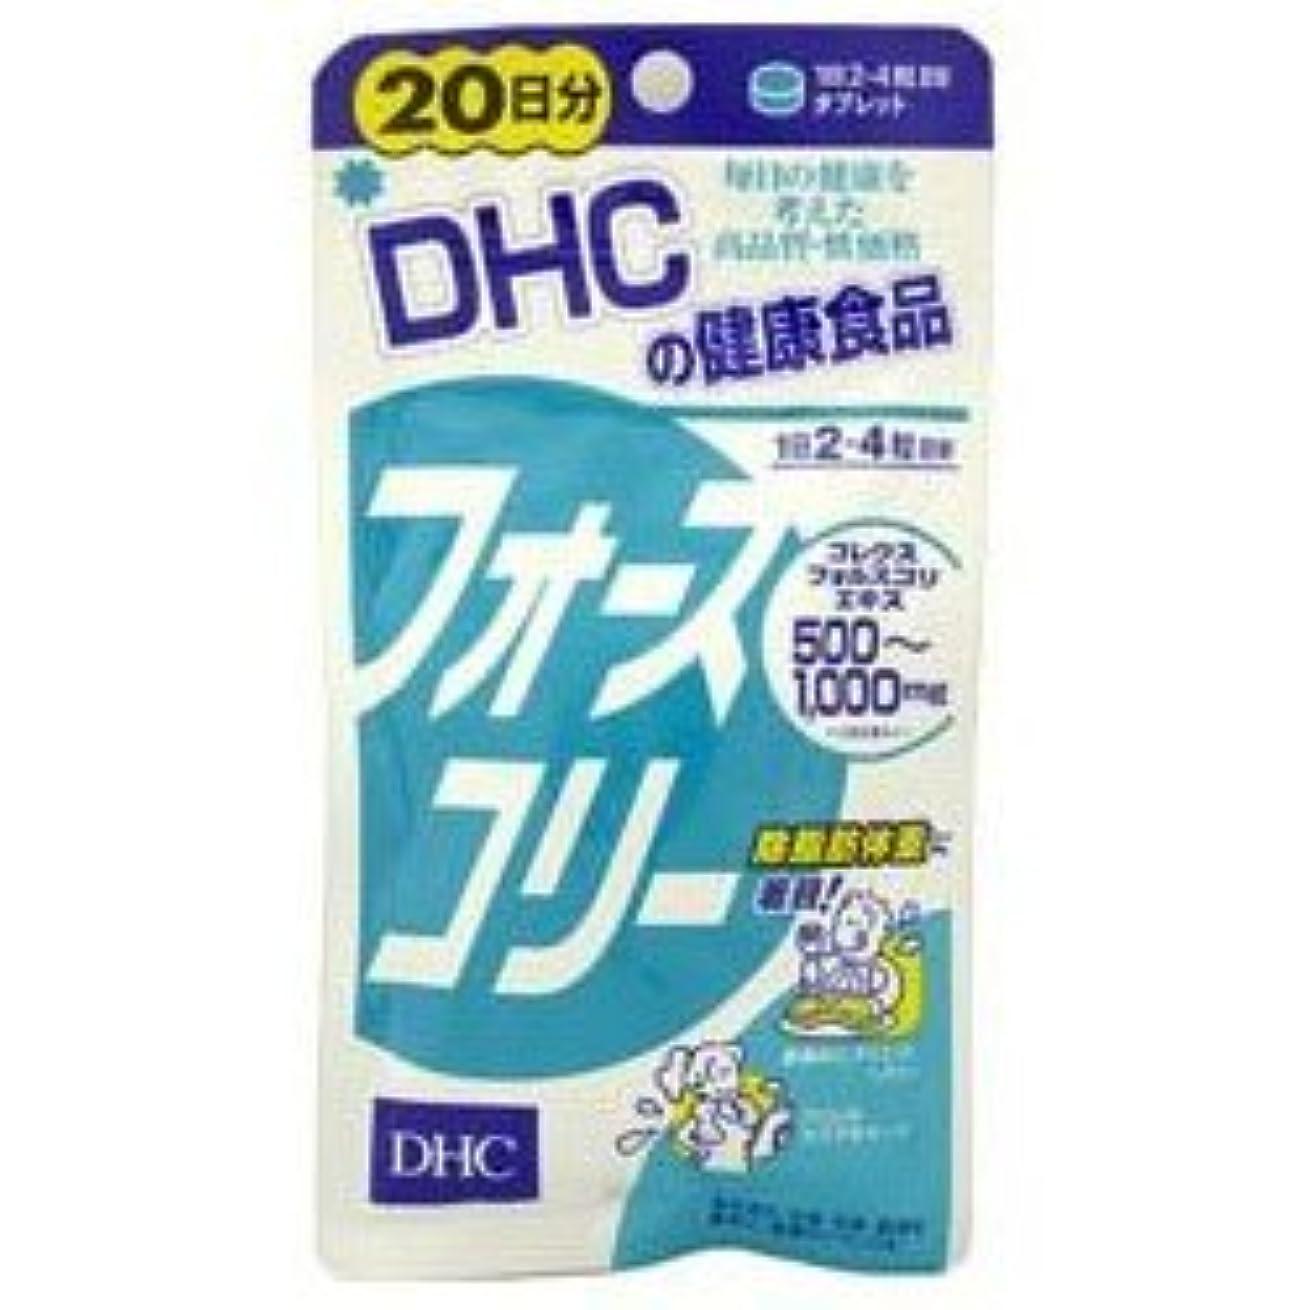 冊子錆び準備した【DHC】フォースコリー 20日分 (32.4g) ×20個セット